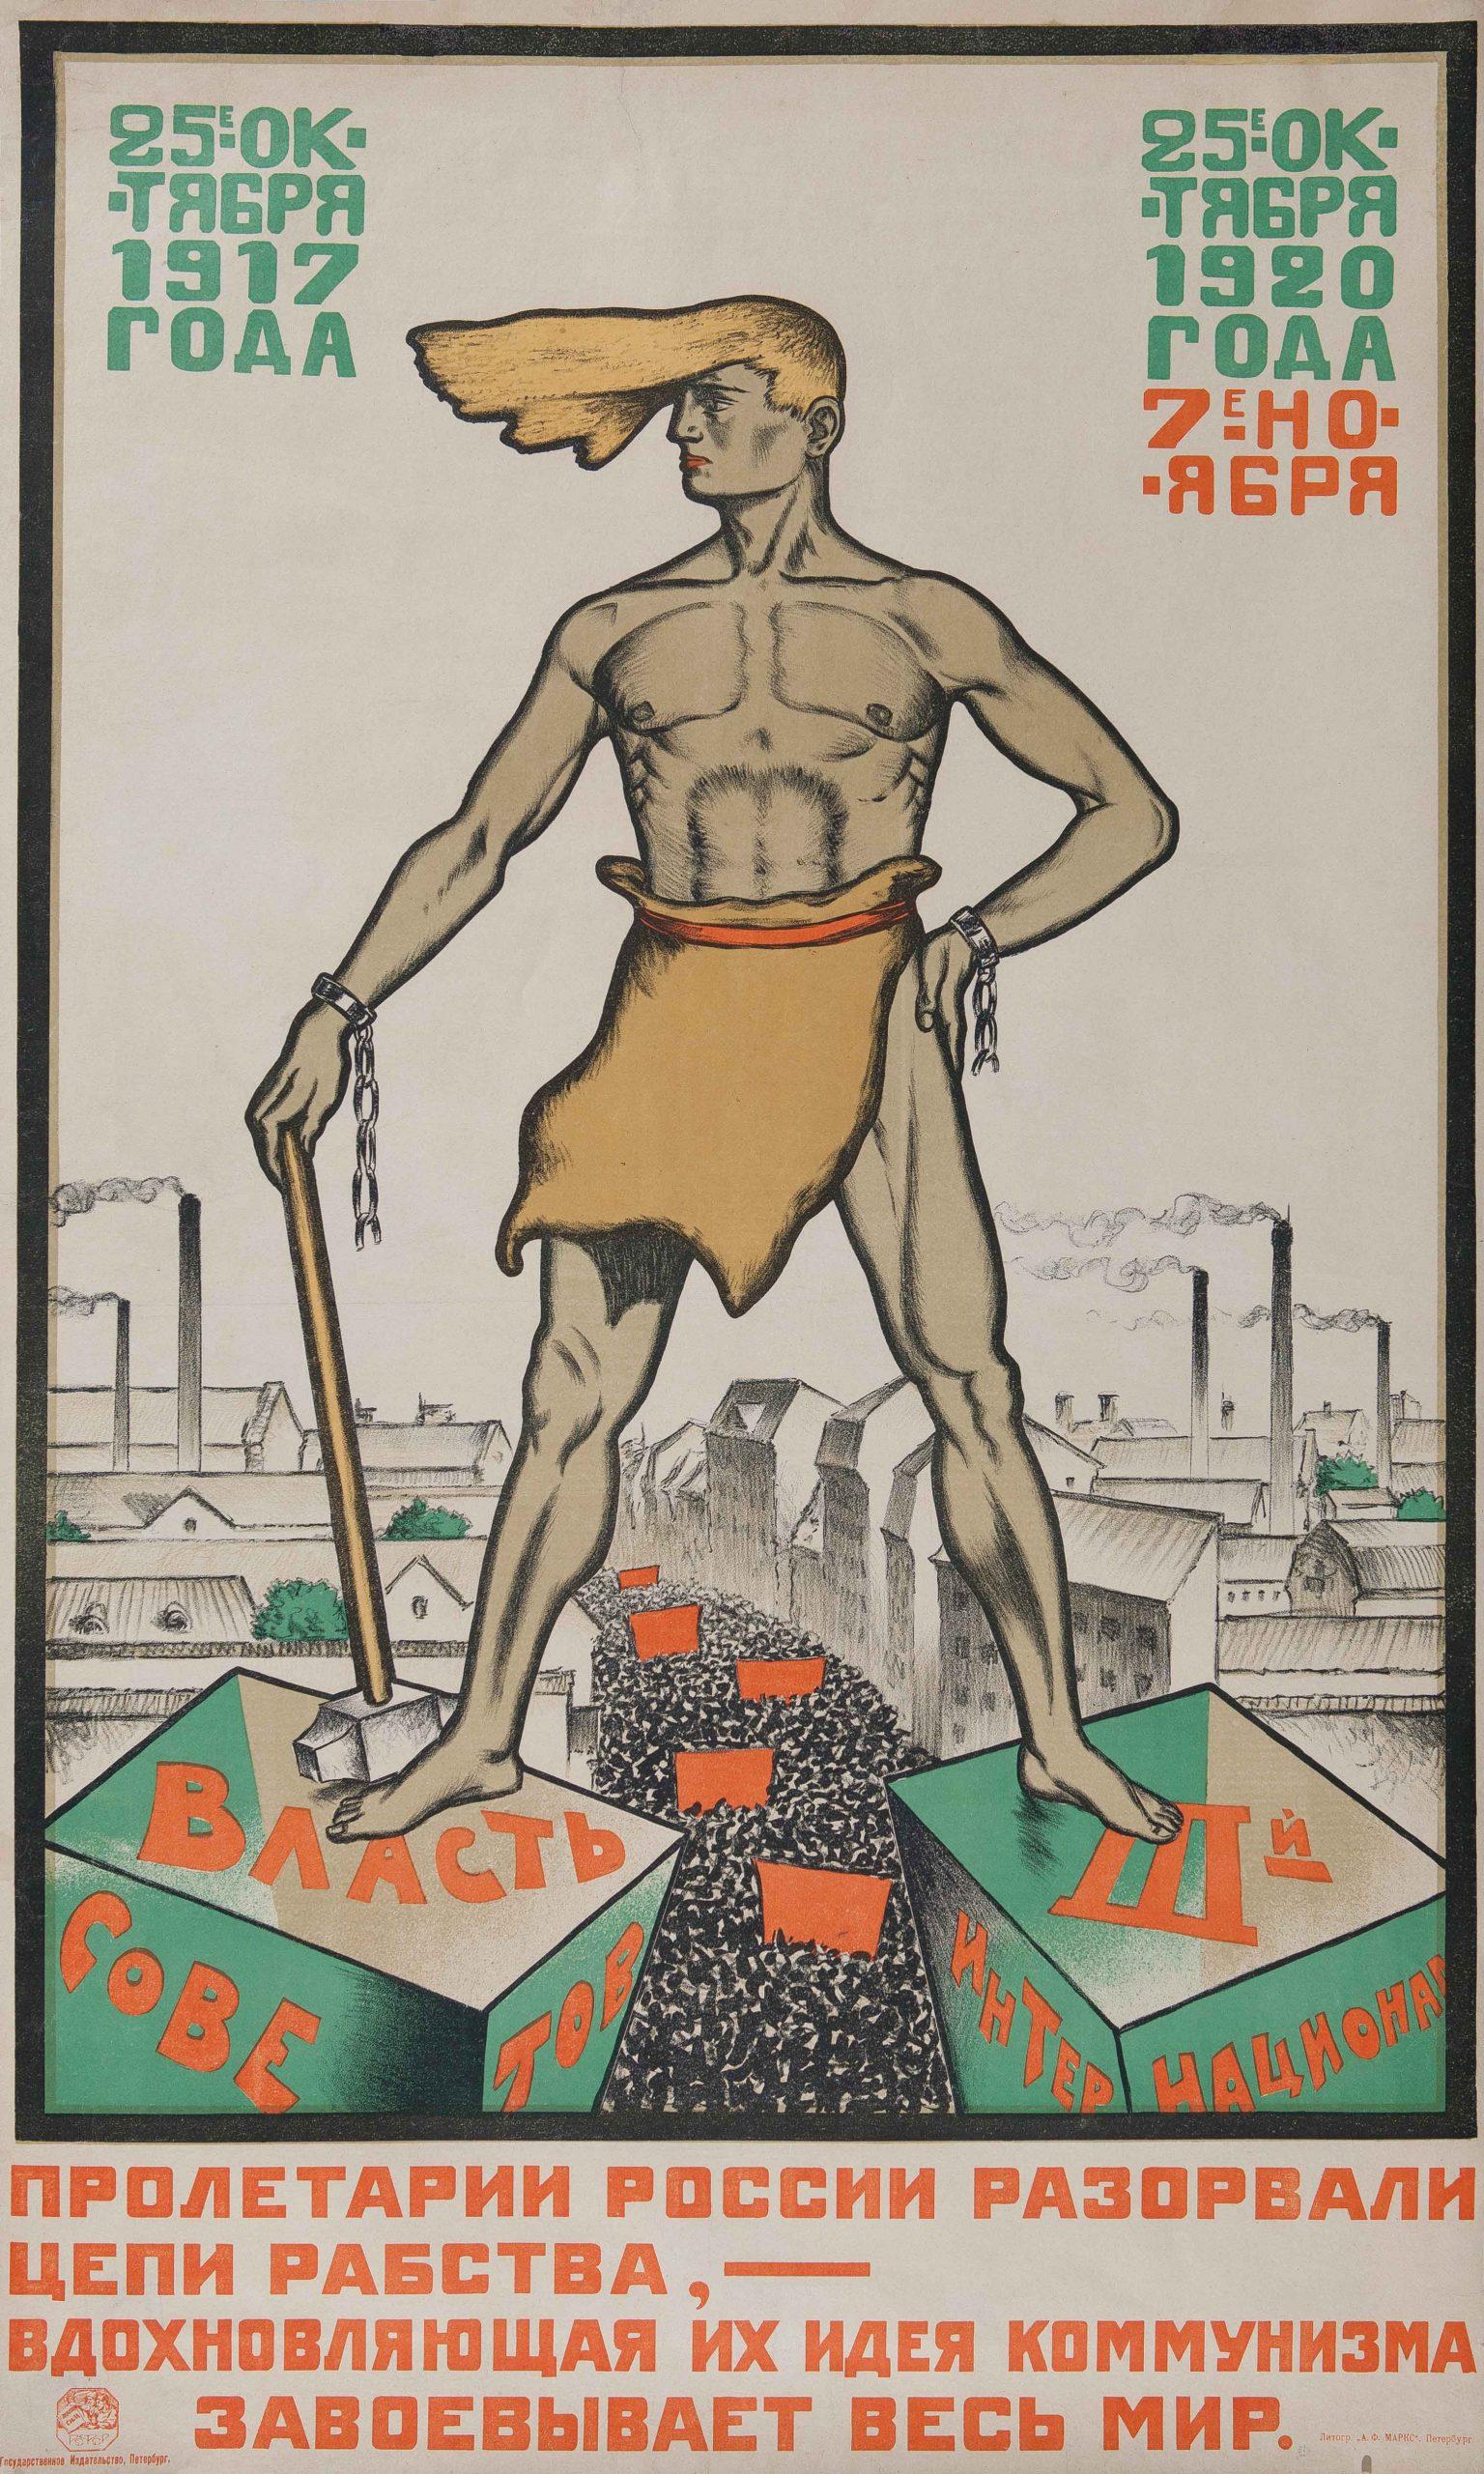 Плакат «25 октября 1917 г. – 7 ноября (25 окт.) 1920. Пролетарии России разорвали цепи рабства,- вдохновляющая их идея коммунизма завоёвывает весь мир»